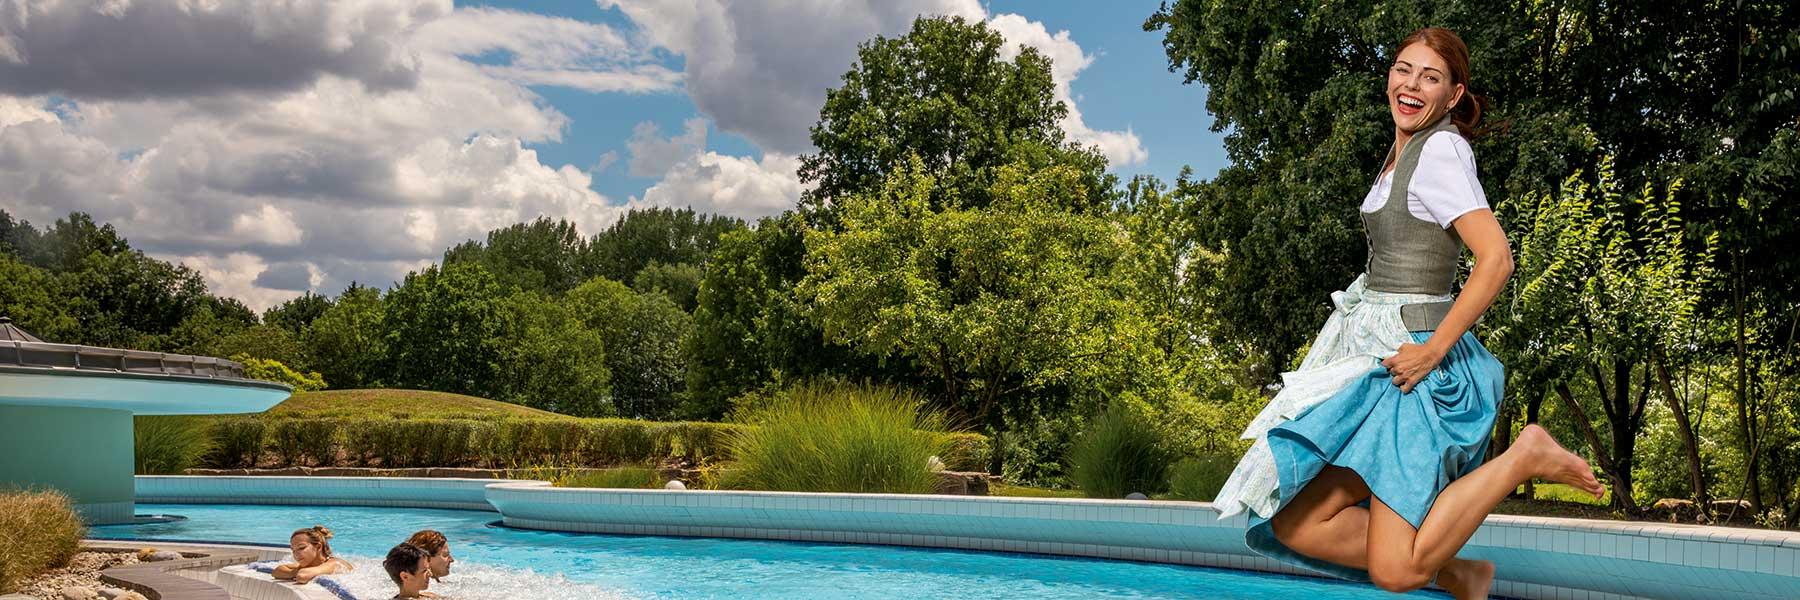 Sommer in der Rottal Terme in Bad Birnbach